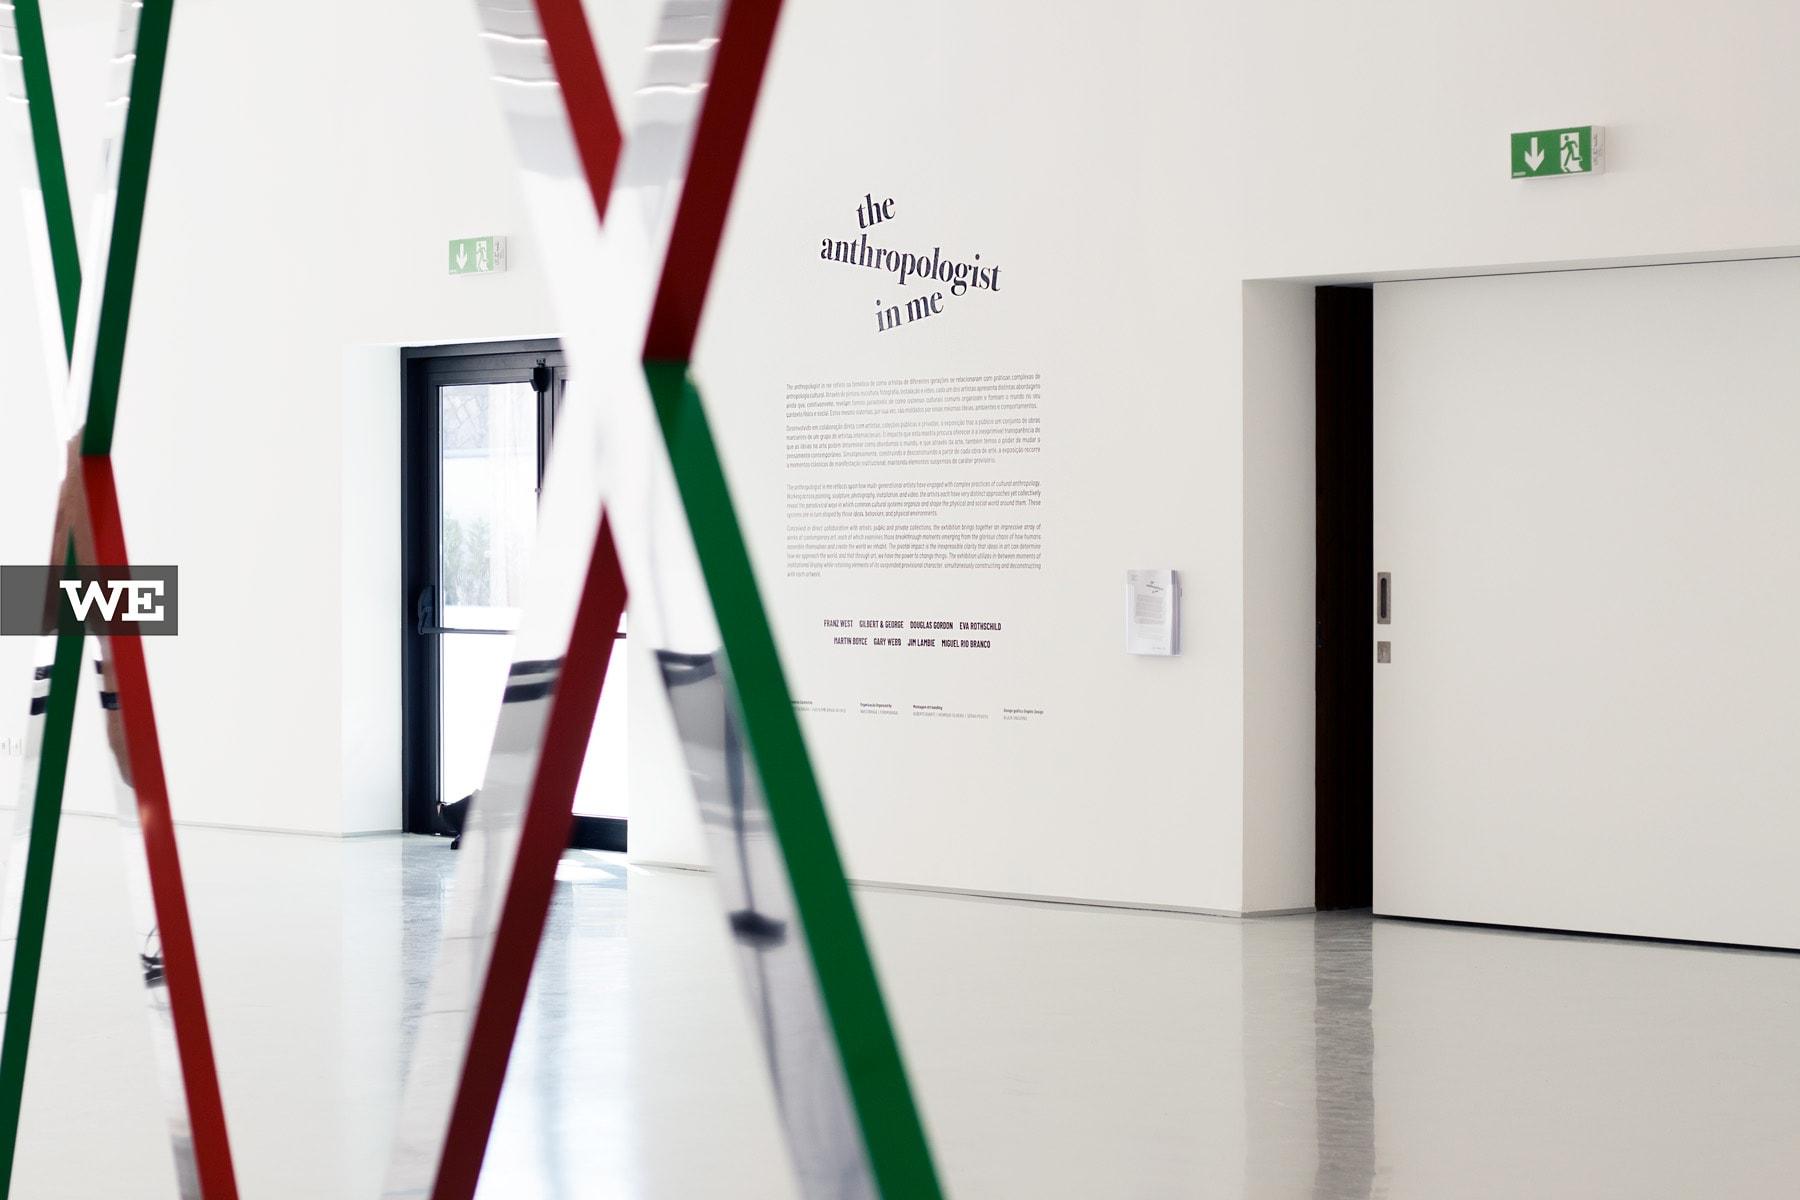 Forum Arte Braga